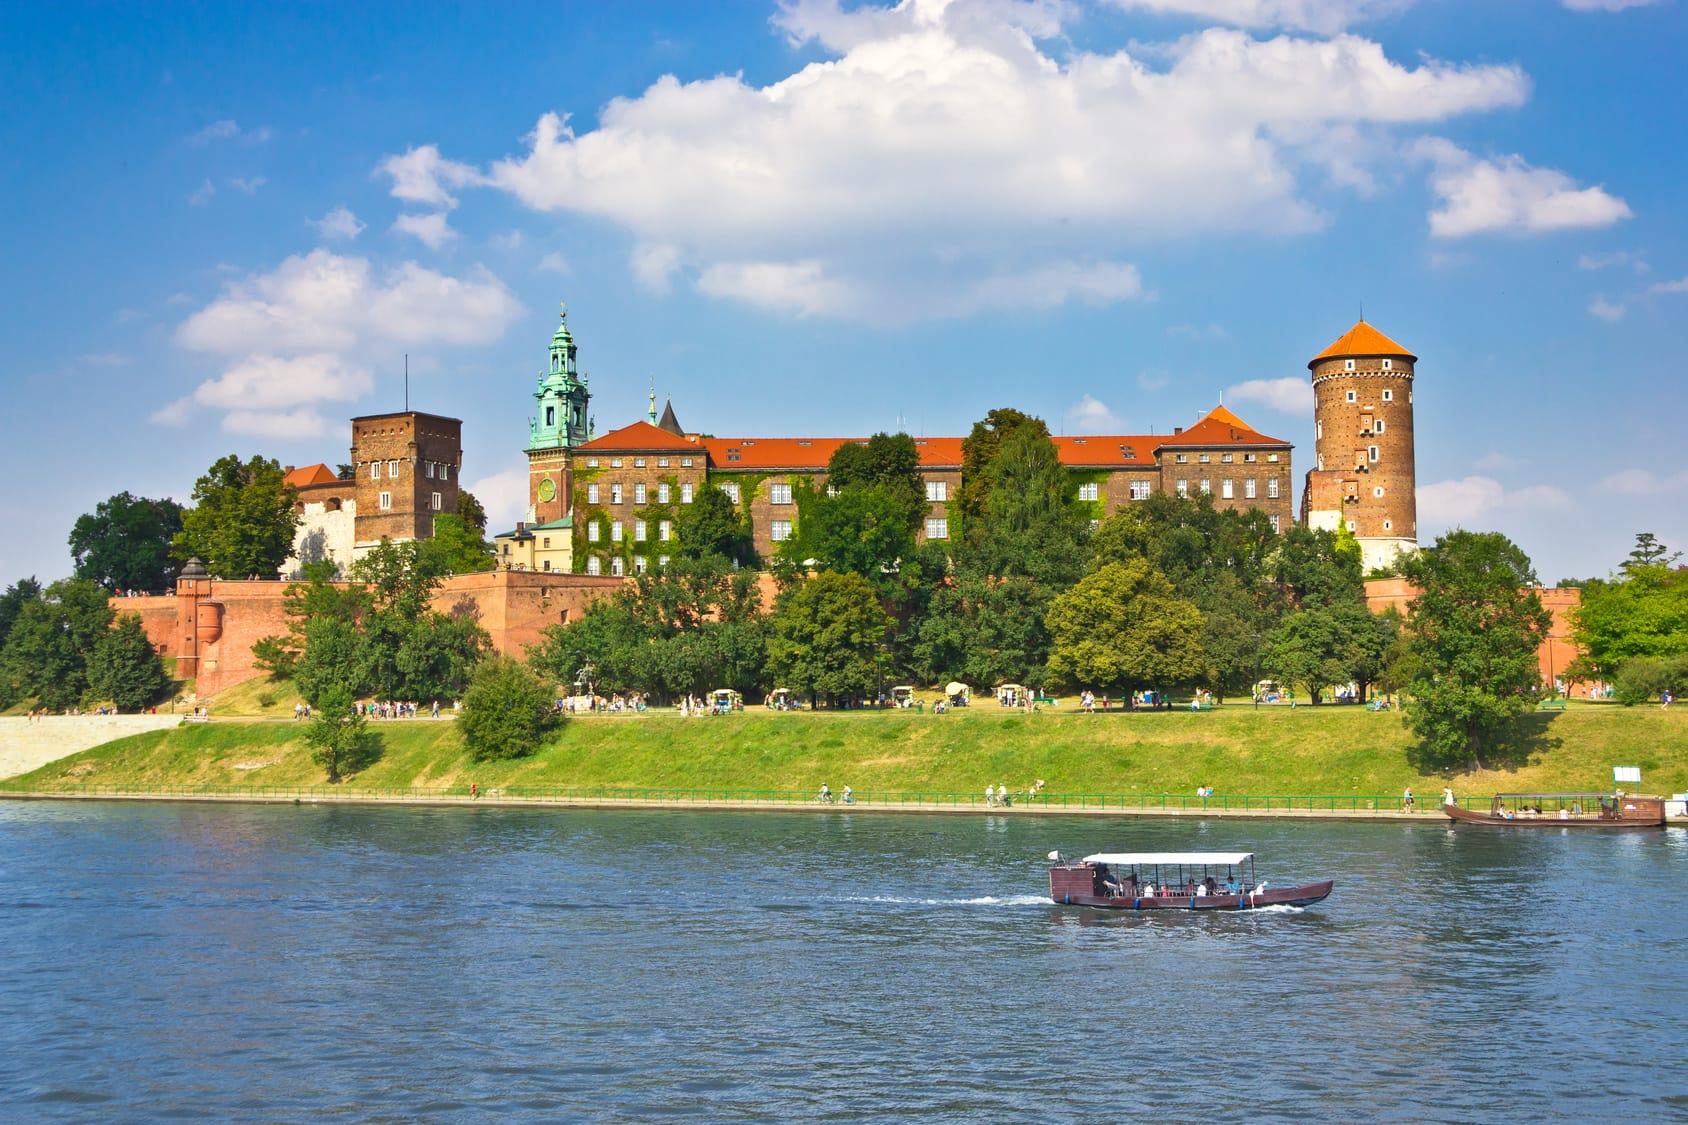 Wycieczka do Krakowa 3 dni